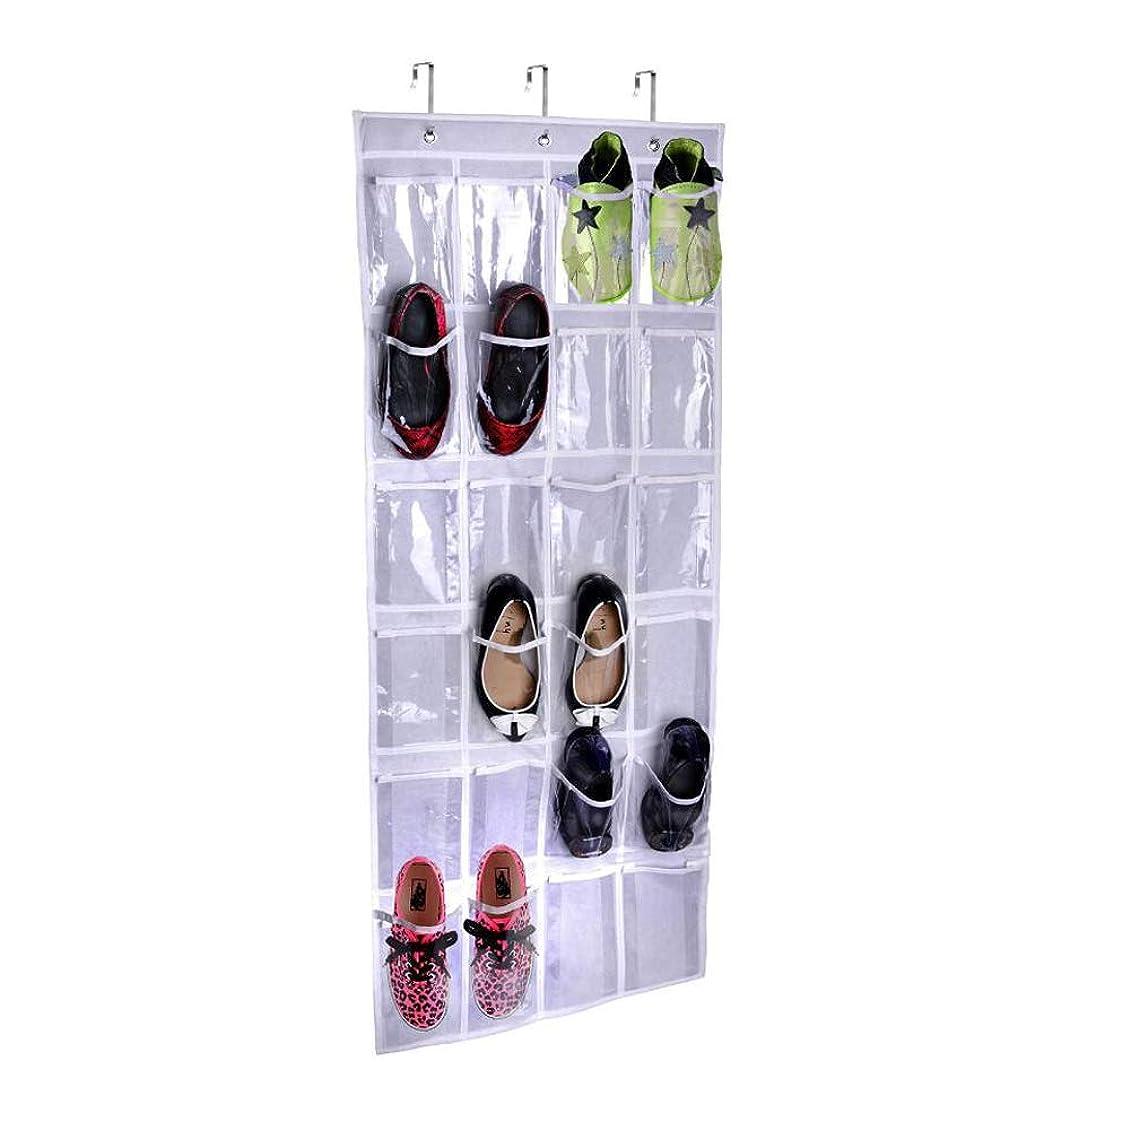 略す累積実用的ドアの上の靴オーガナイザーシンプルな家庭用品24ポケット大クリアポケット(59